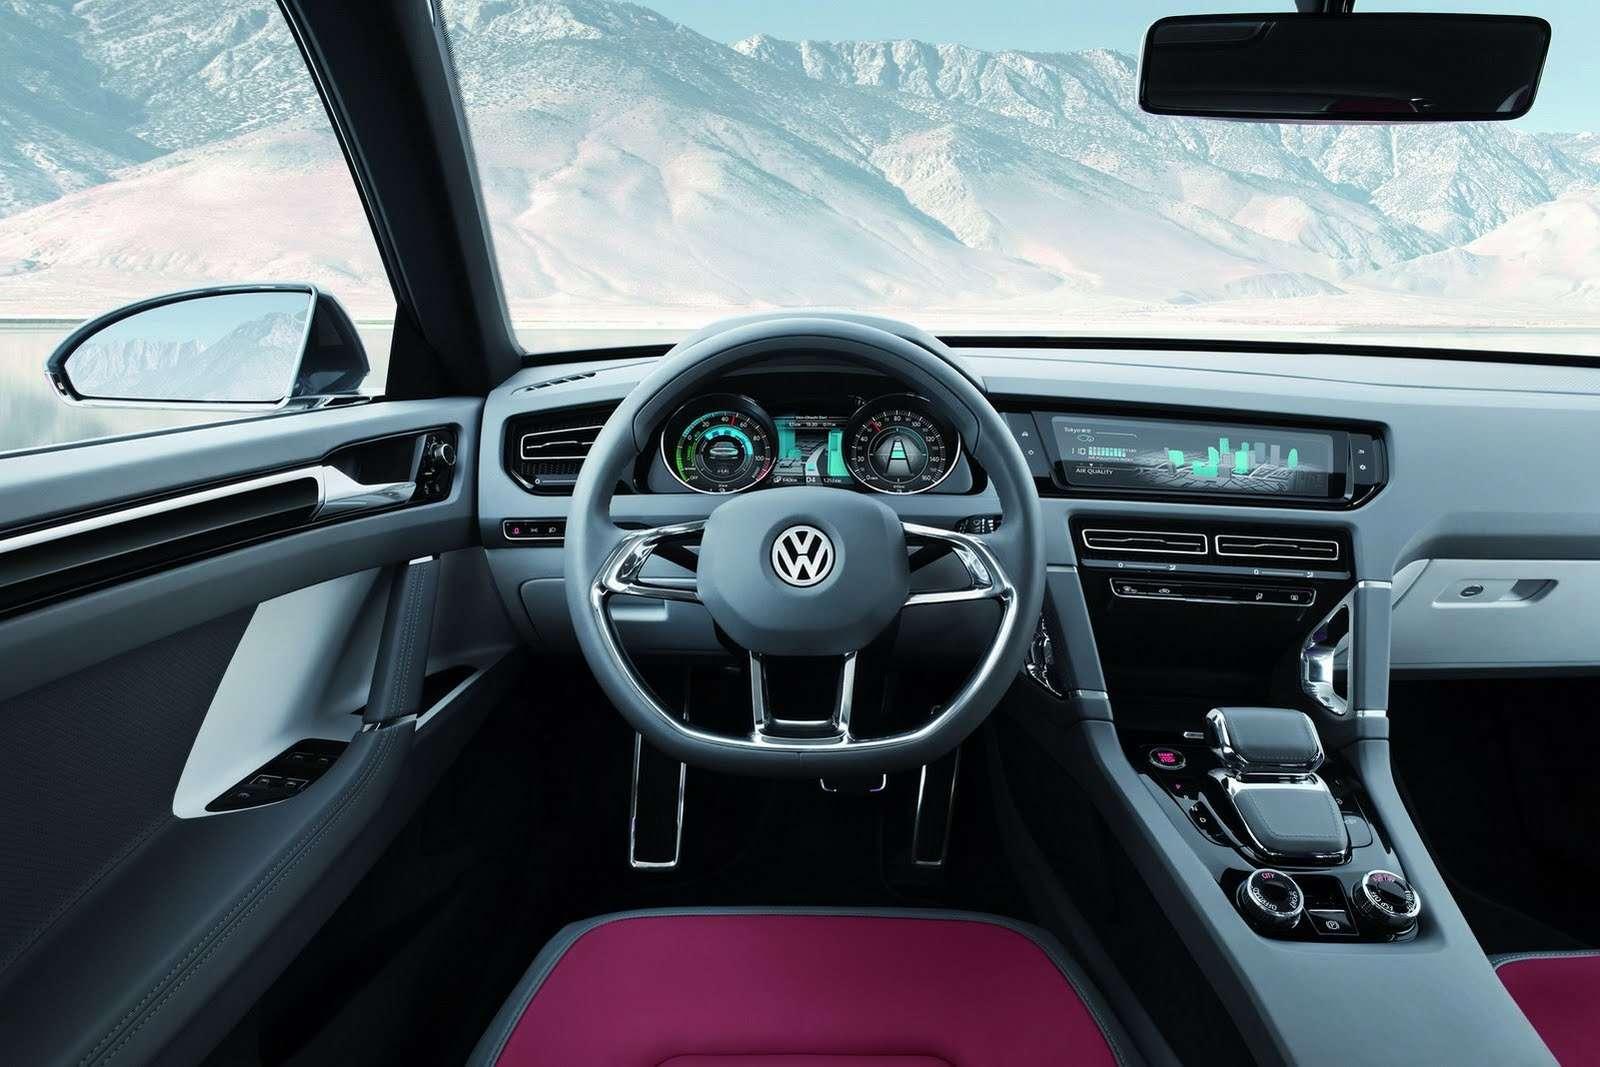 Volkswagen-Cross-Coupe-Concept-Carscoop22